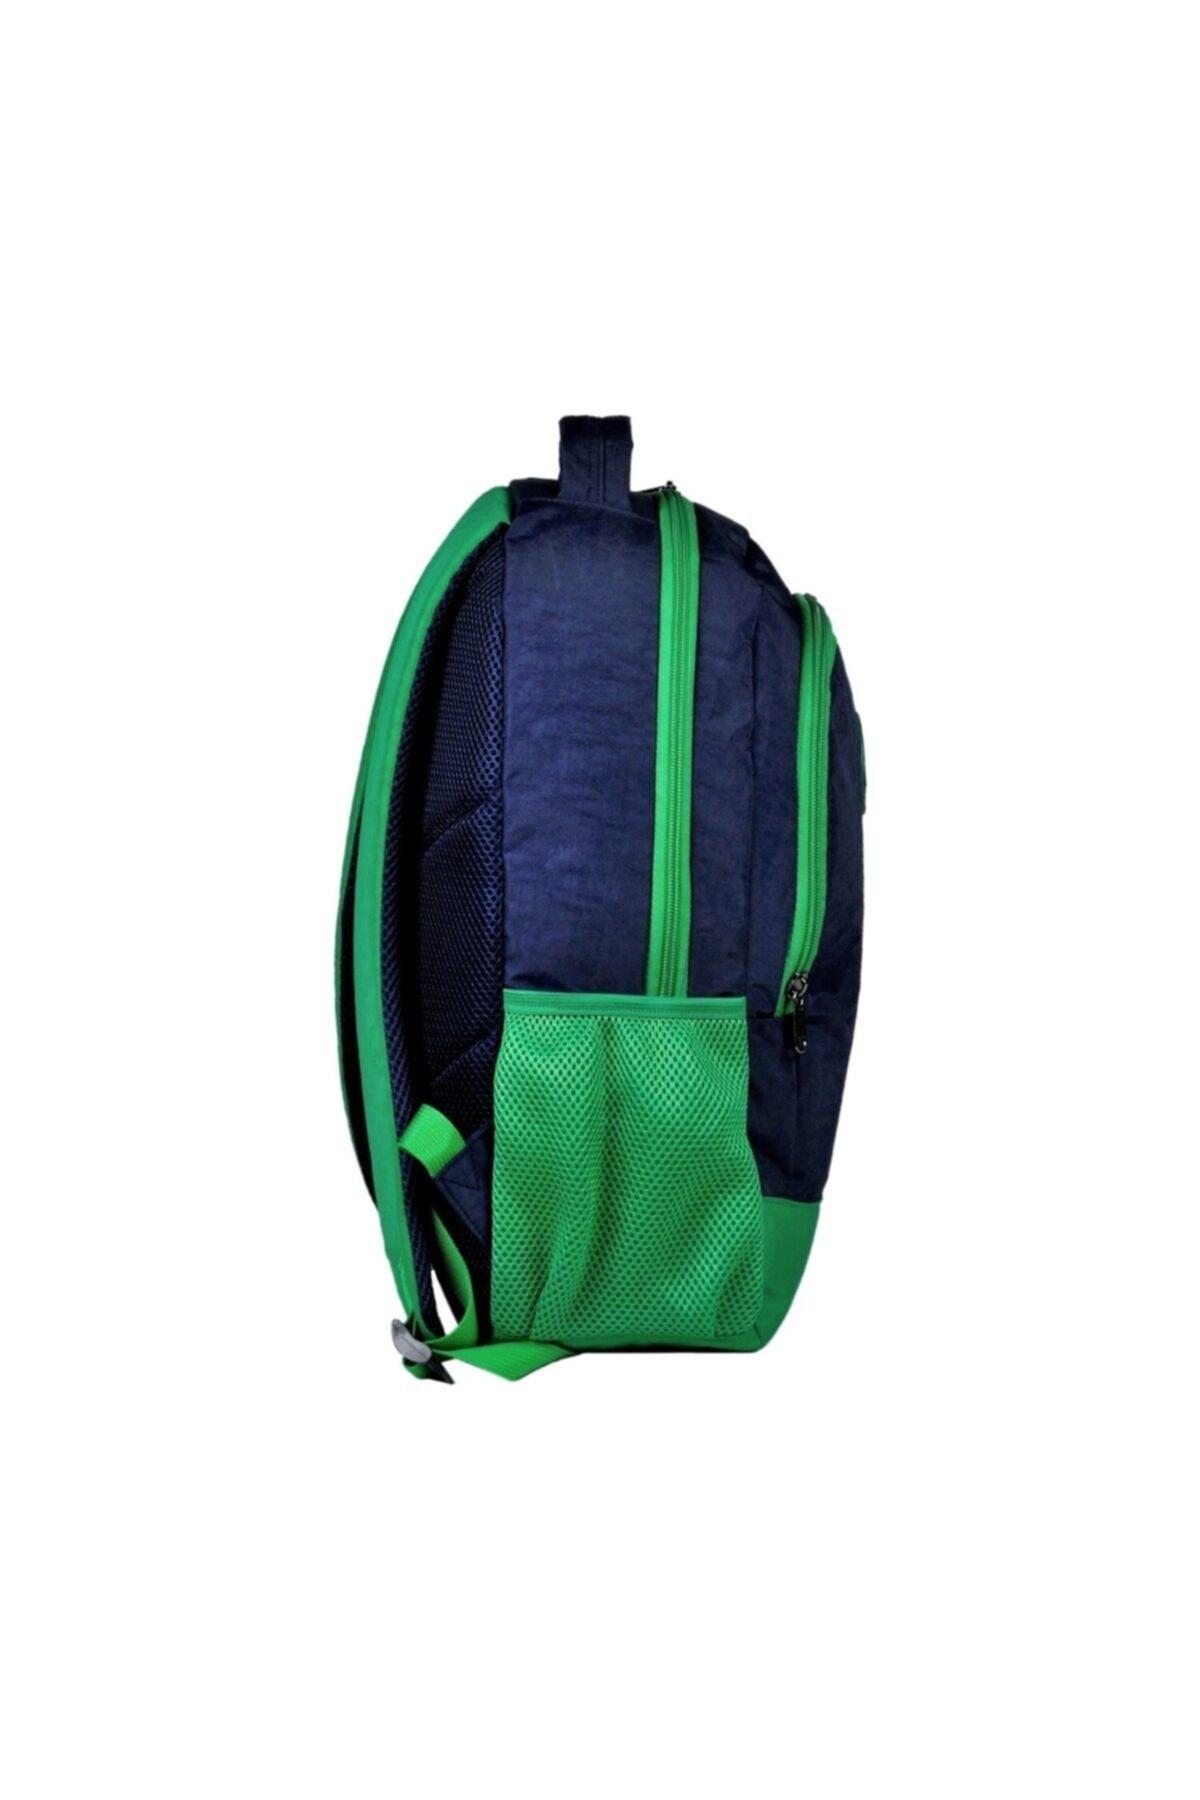 United Colors of Benetton Benetton Lacivert-yeşil Sırt Çantası - Okul Çantası 96014 2